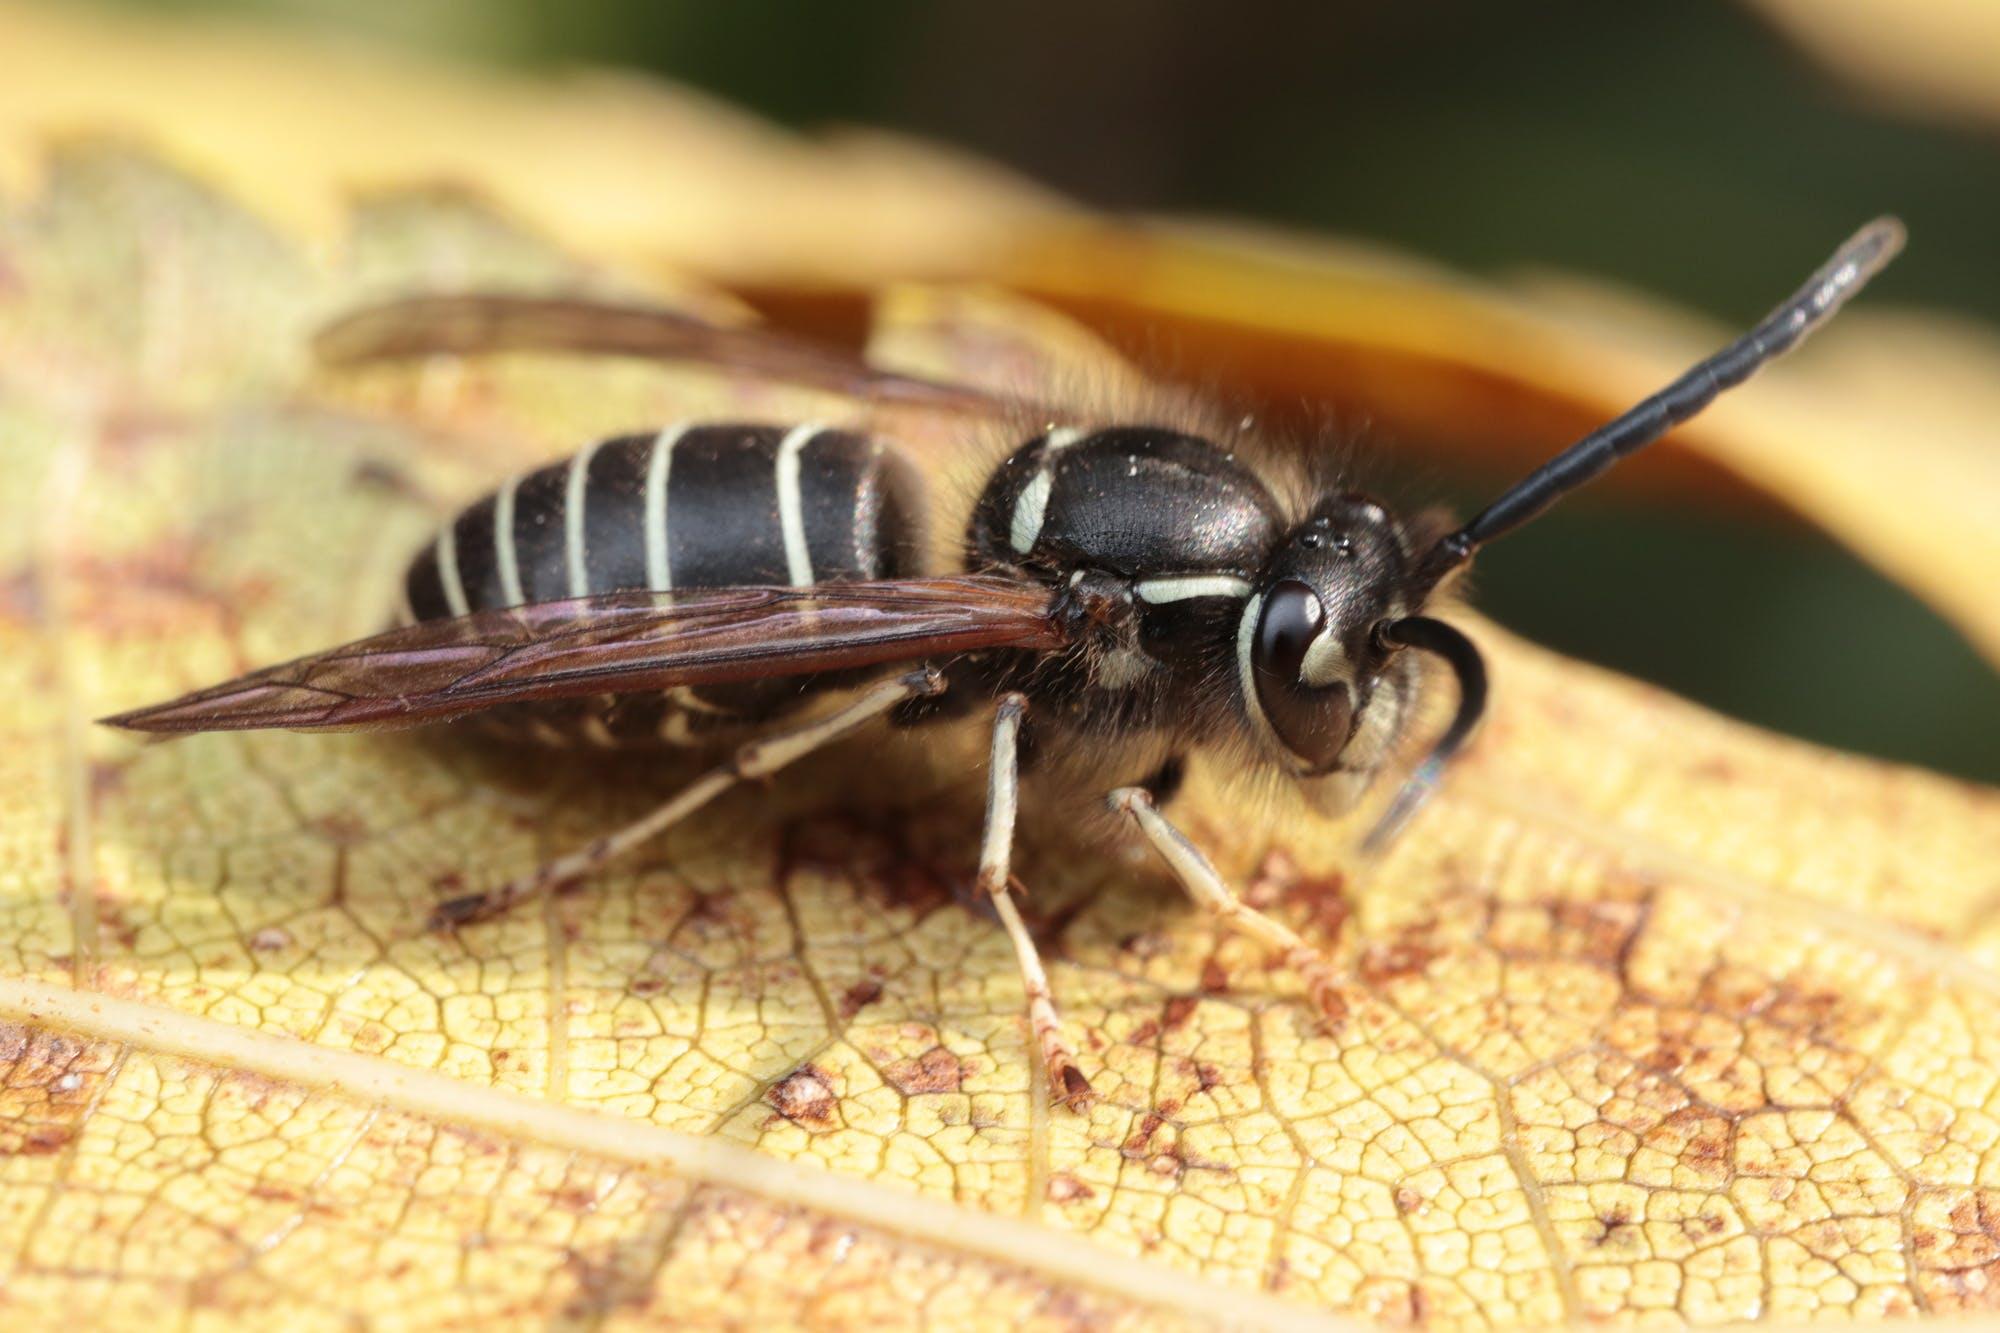 アブ 虫刺され アブ(虻)の生態や刺された時の症状と対策について